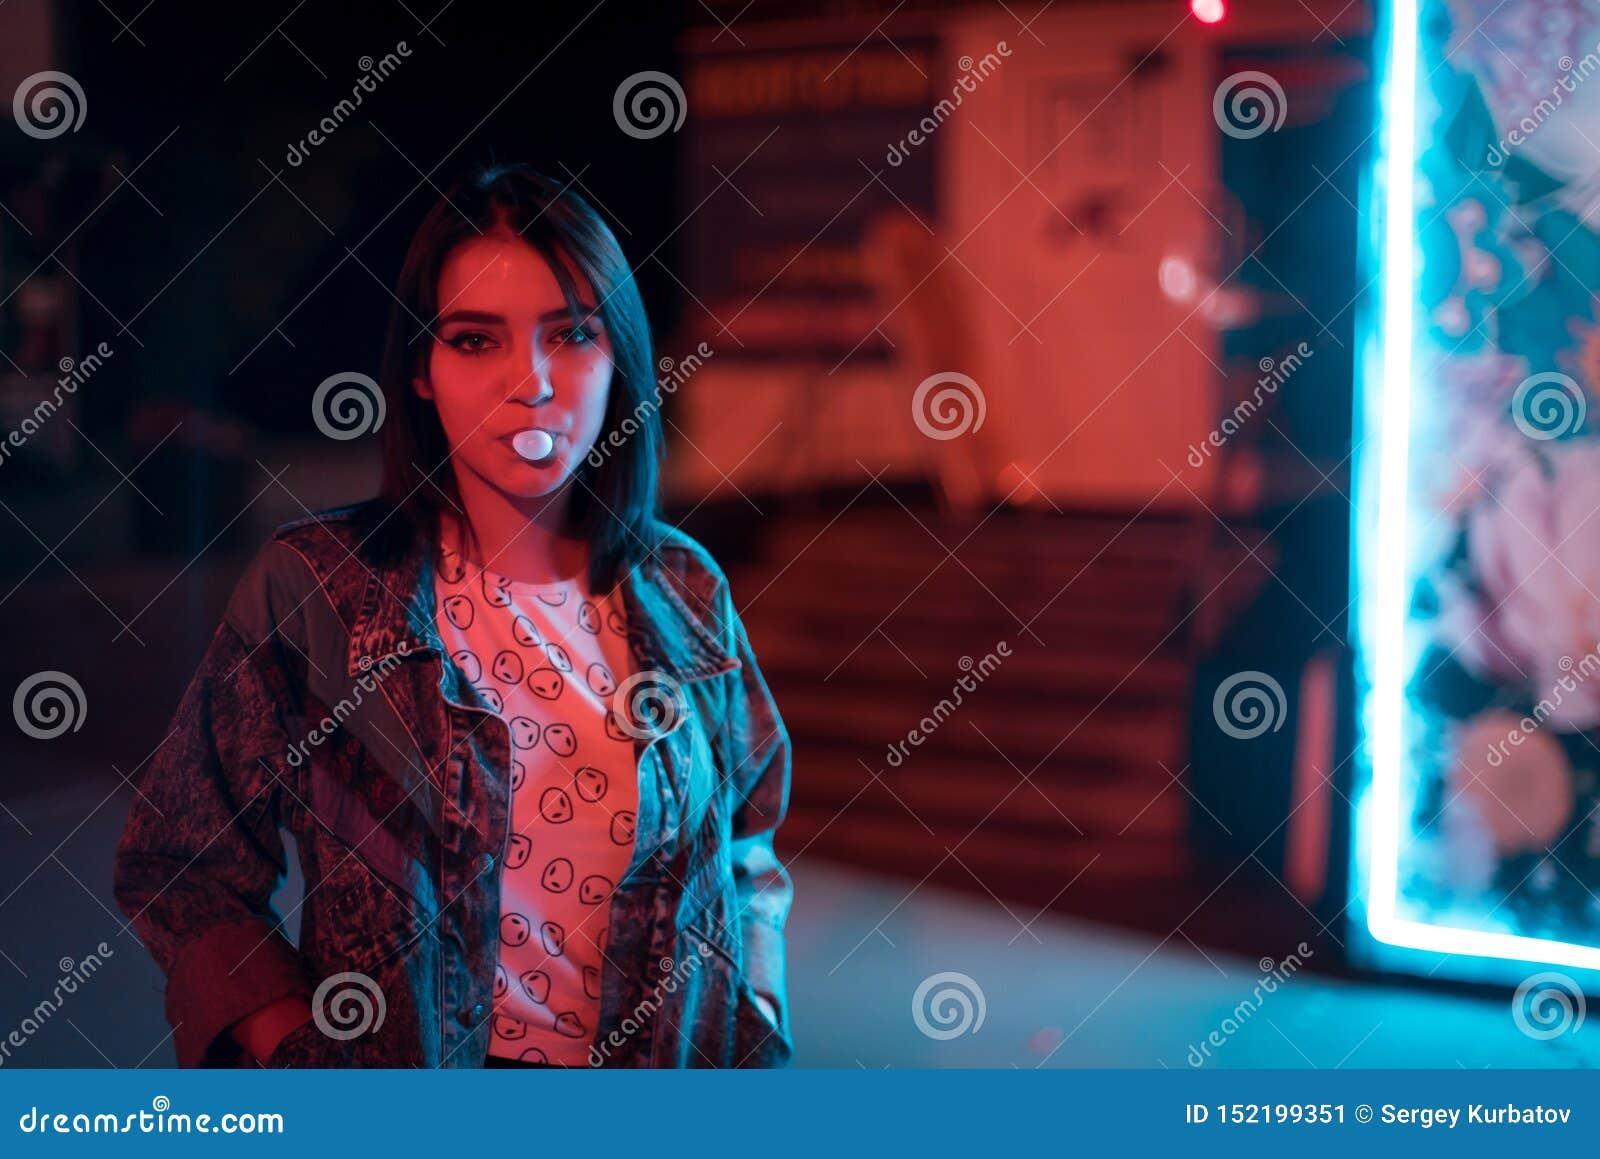 Mujer joven de la moda joven en el chicle que sopla de los vidrios de la piel iluminado con la muestra rosada azul de neón de la